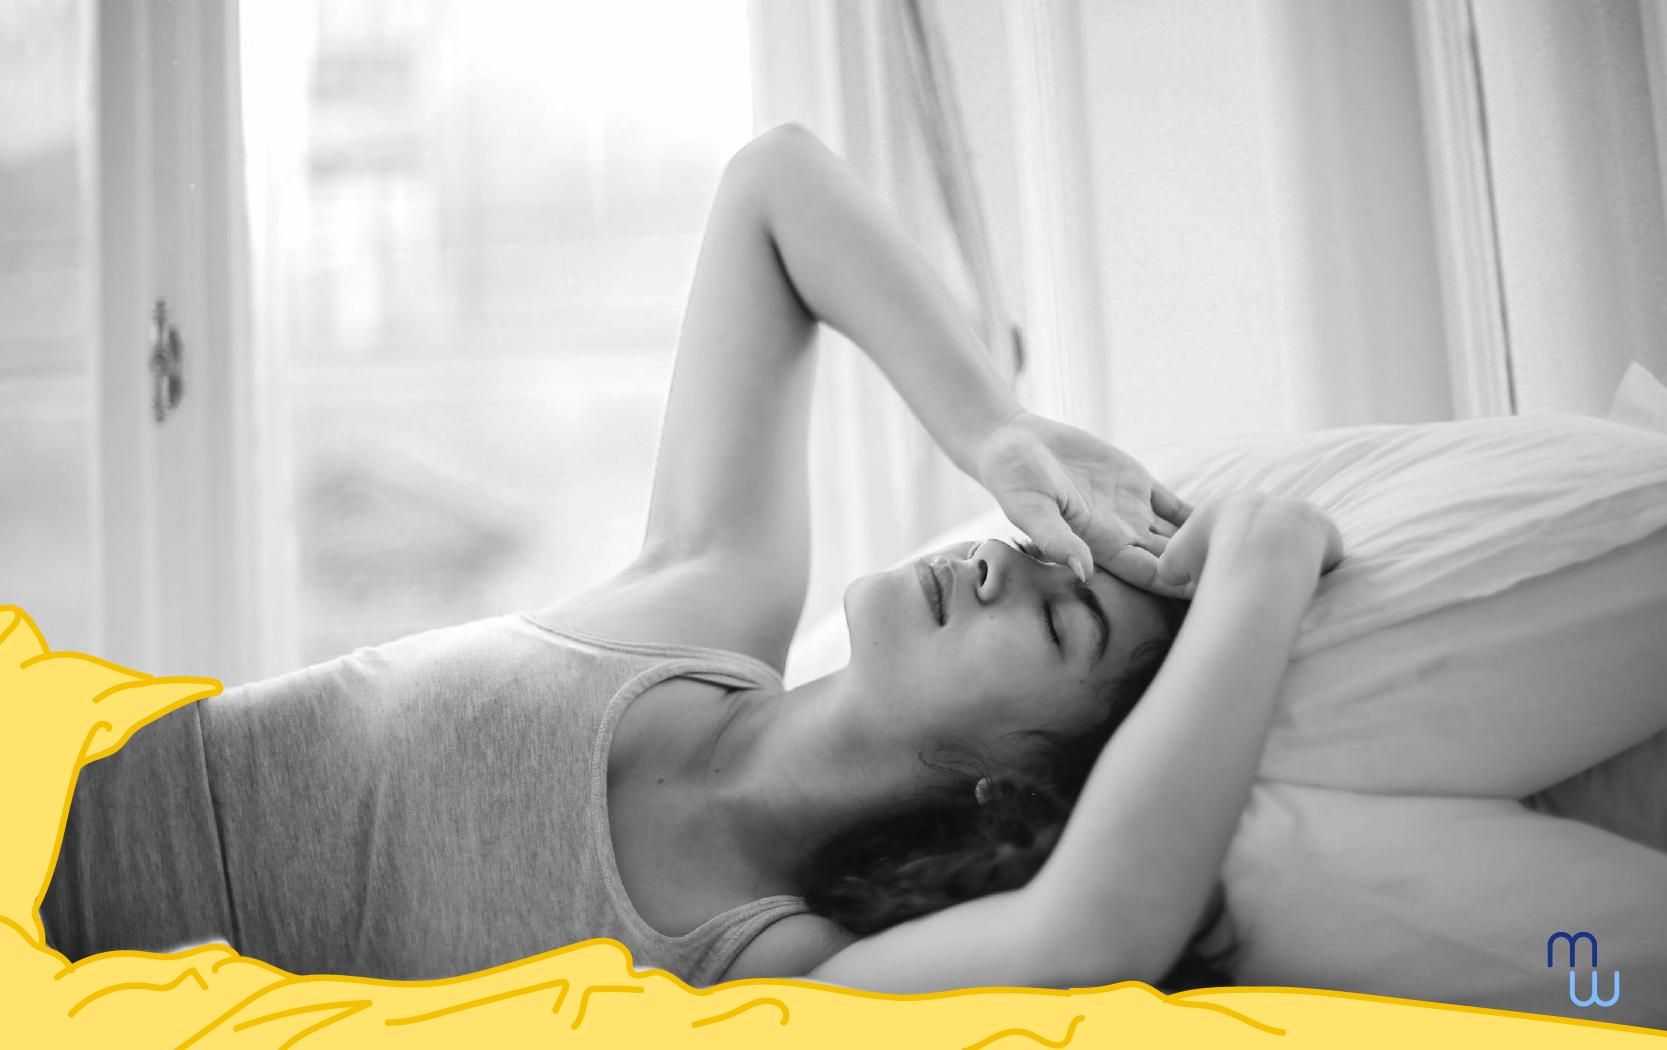 manque de sommeil, une femme entrain de faire une insomnie